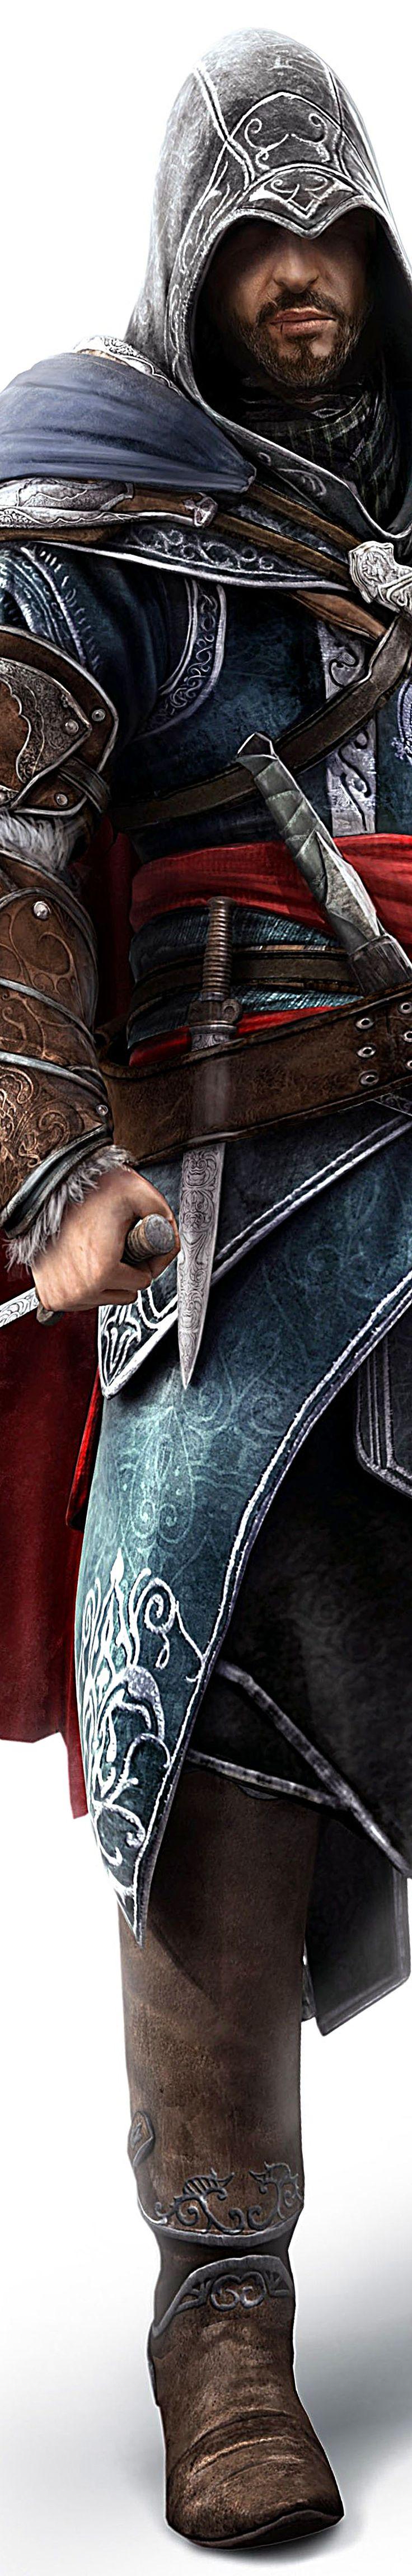 Assassin's Creed: Revelations Ezio